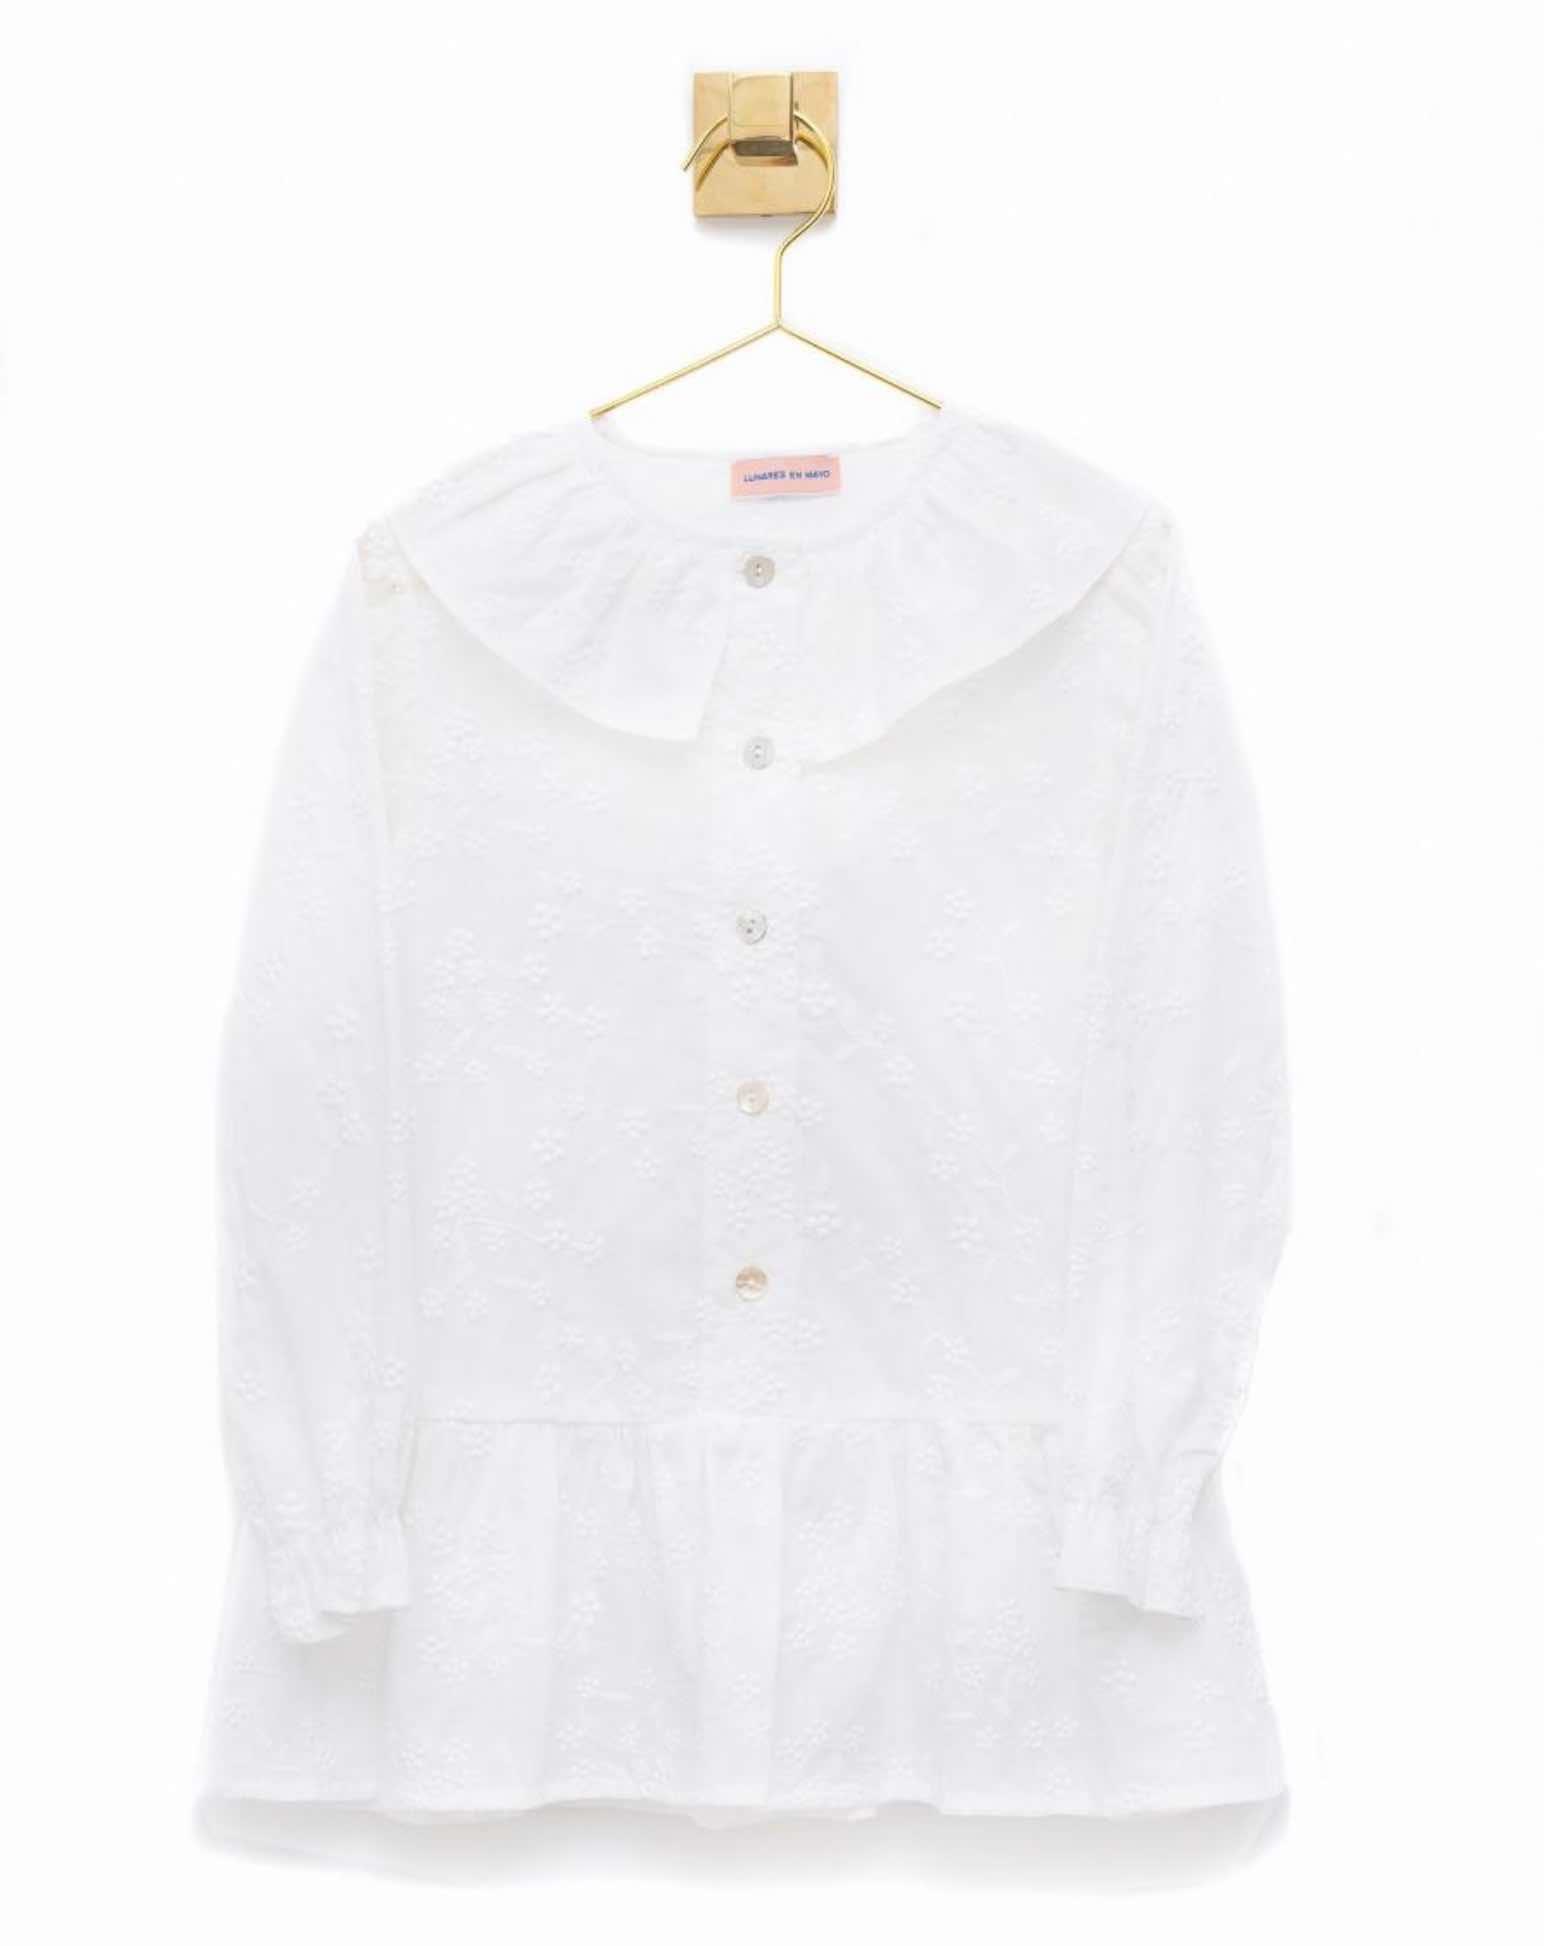 Blusón infantil bordado en color crudo de Lunares en Mayo